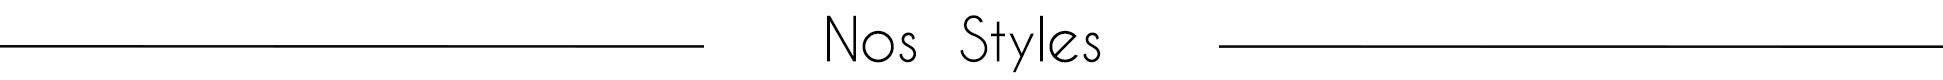 -- Styles --